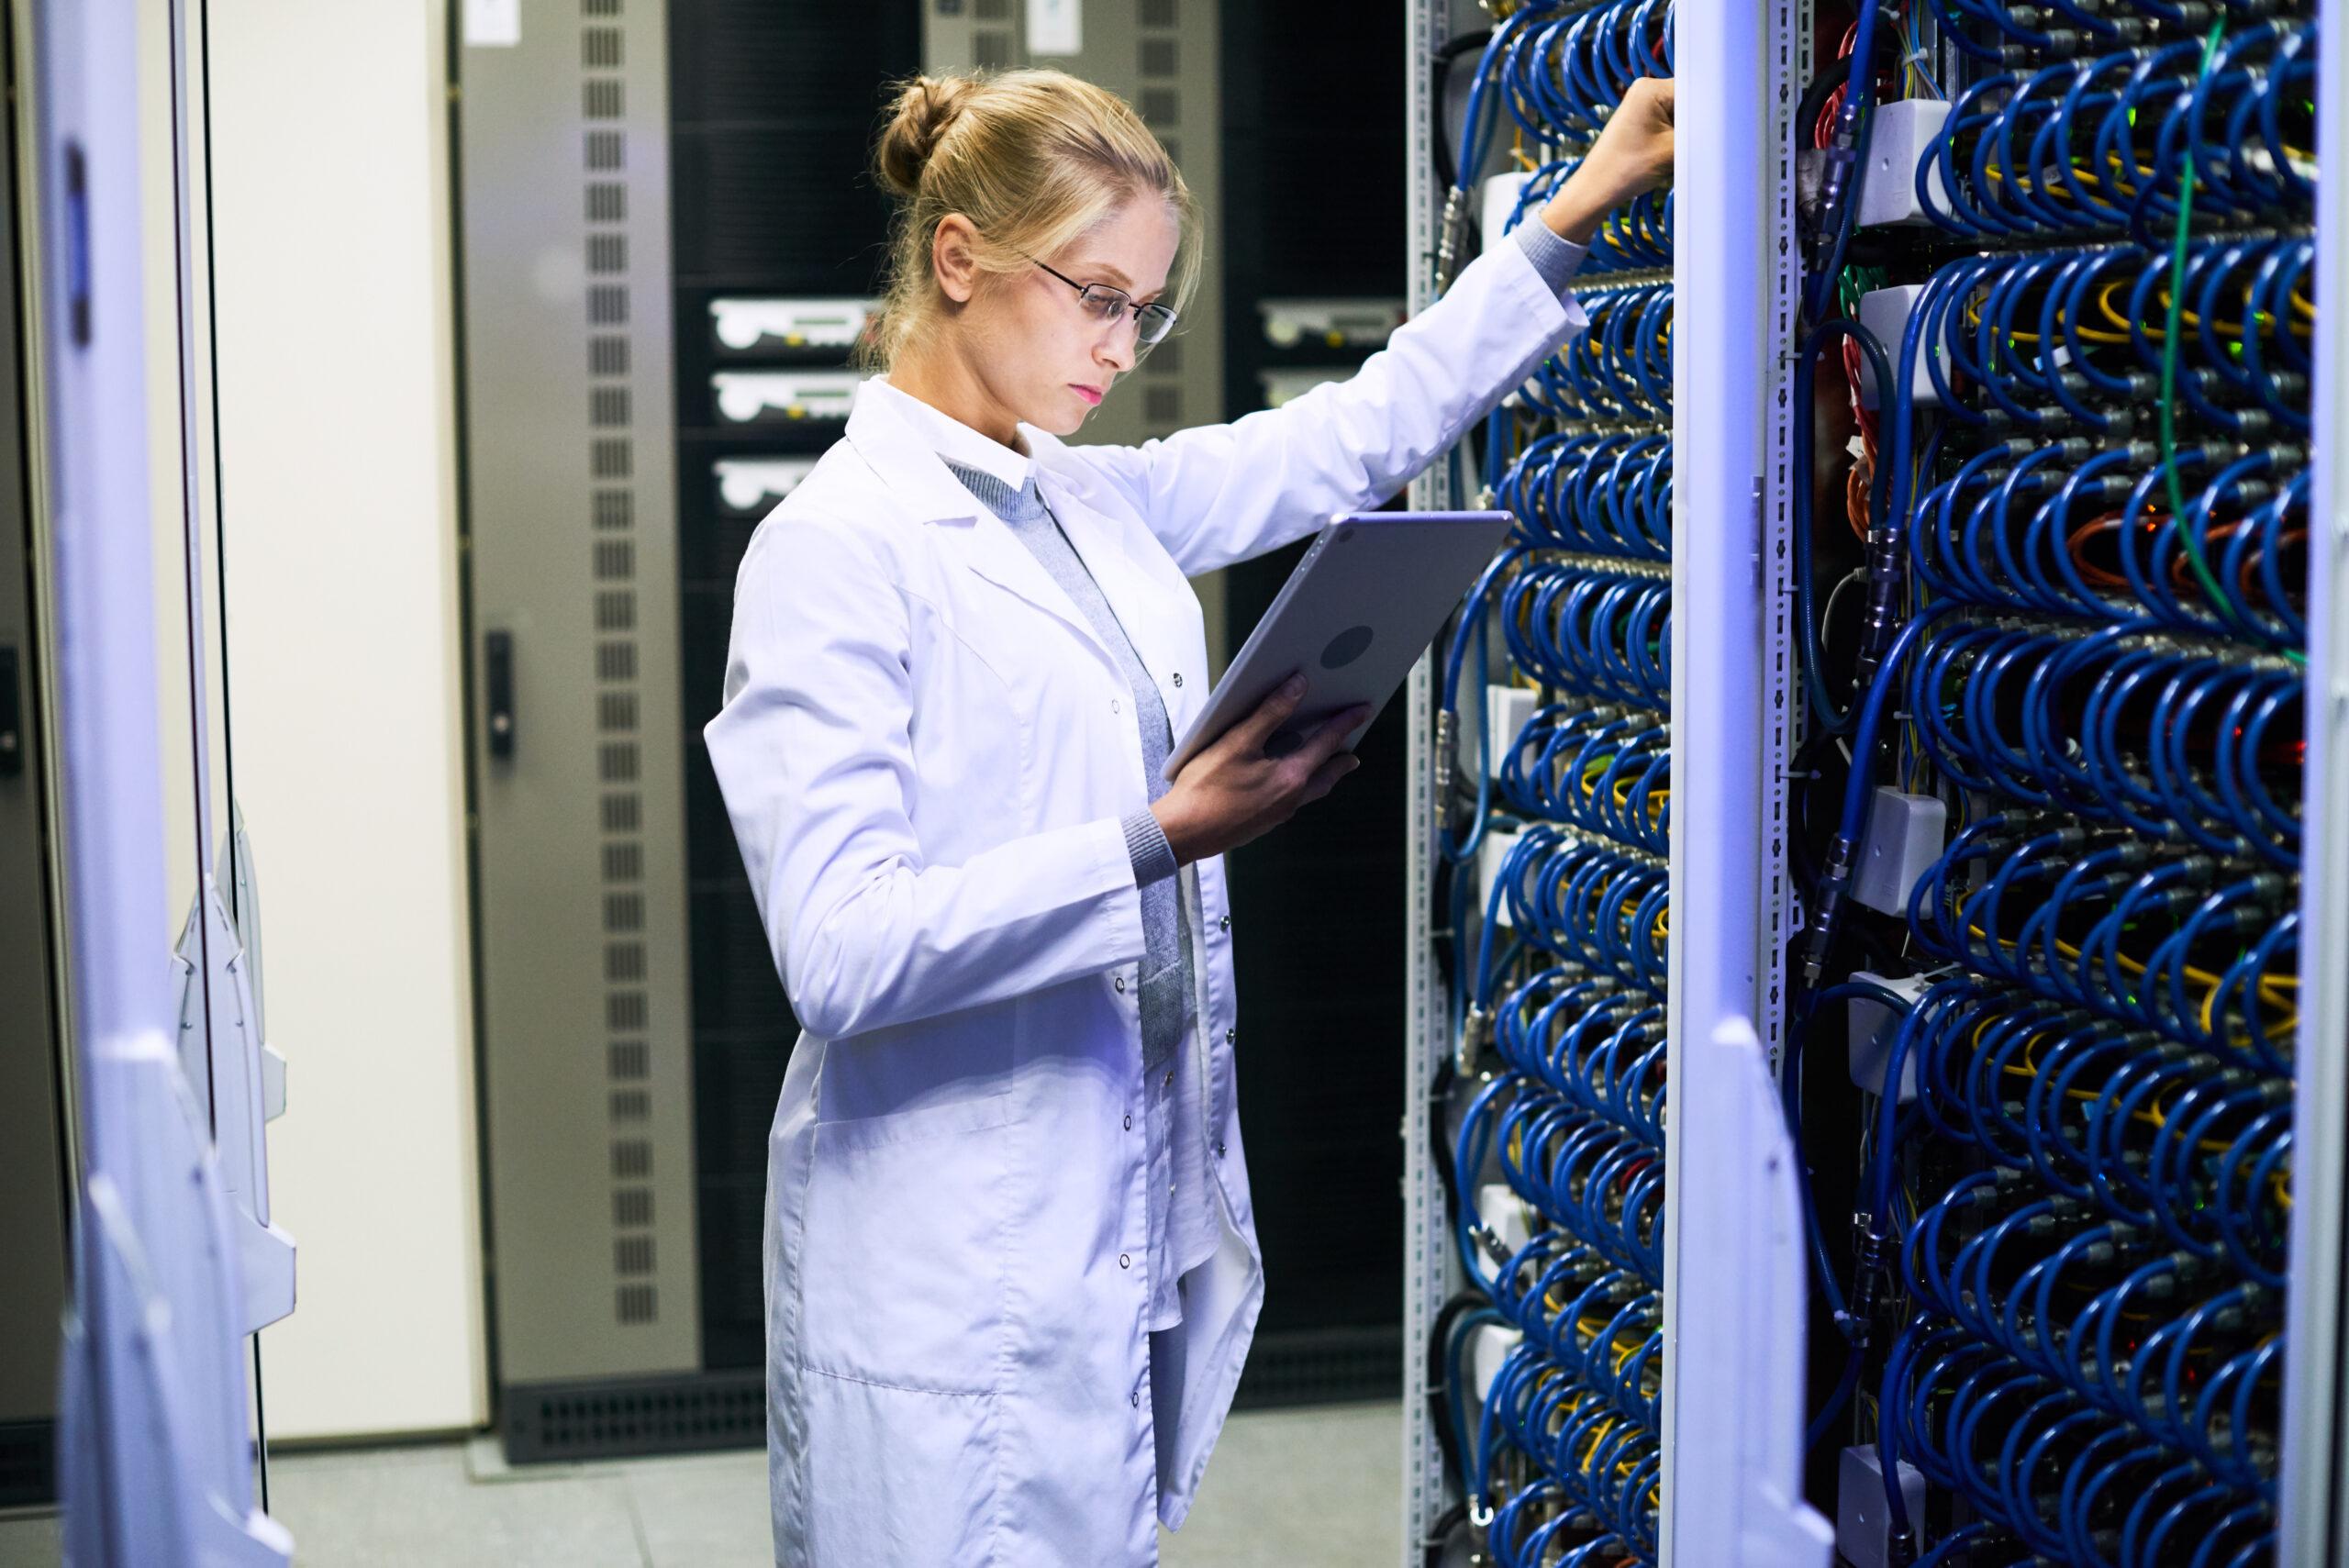 Servicio técnico en el Cloud